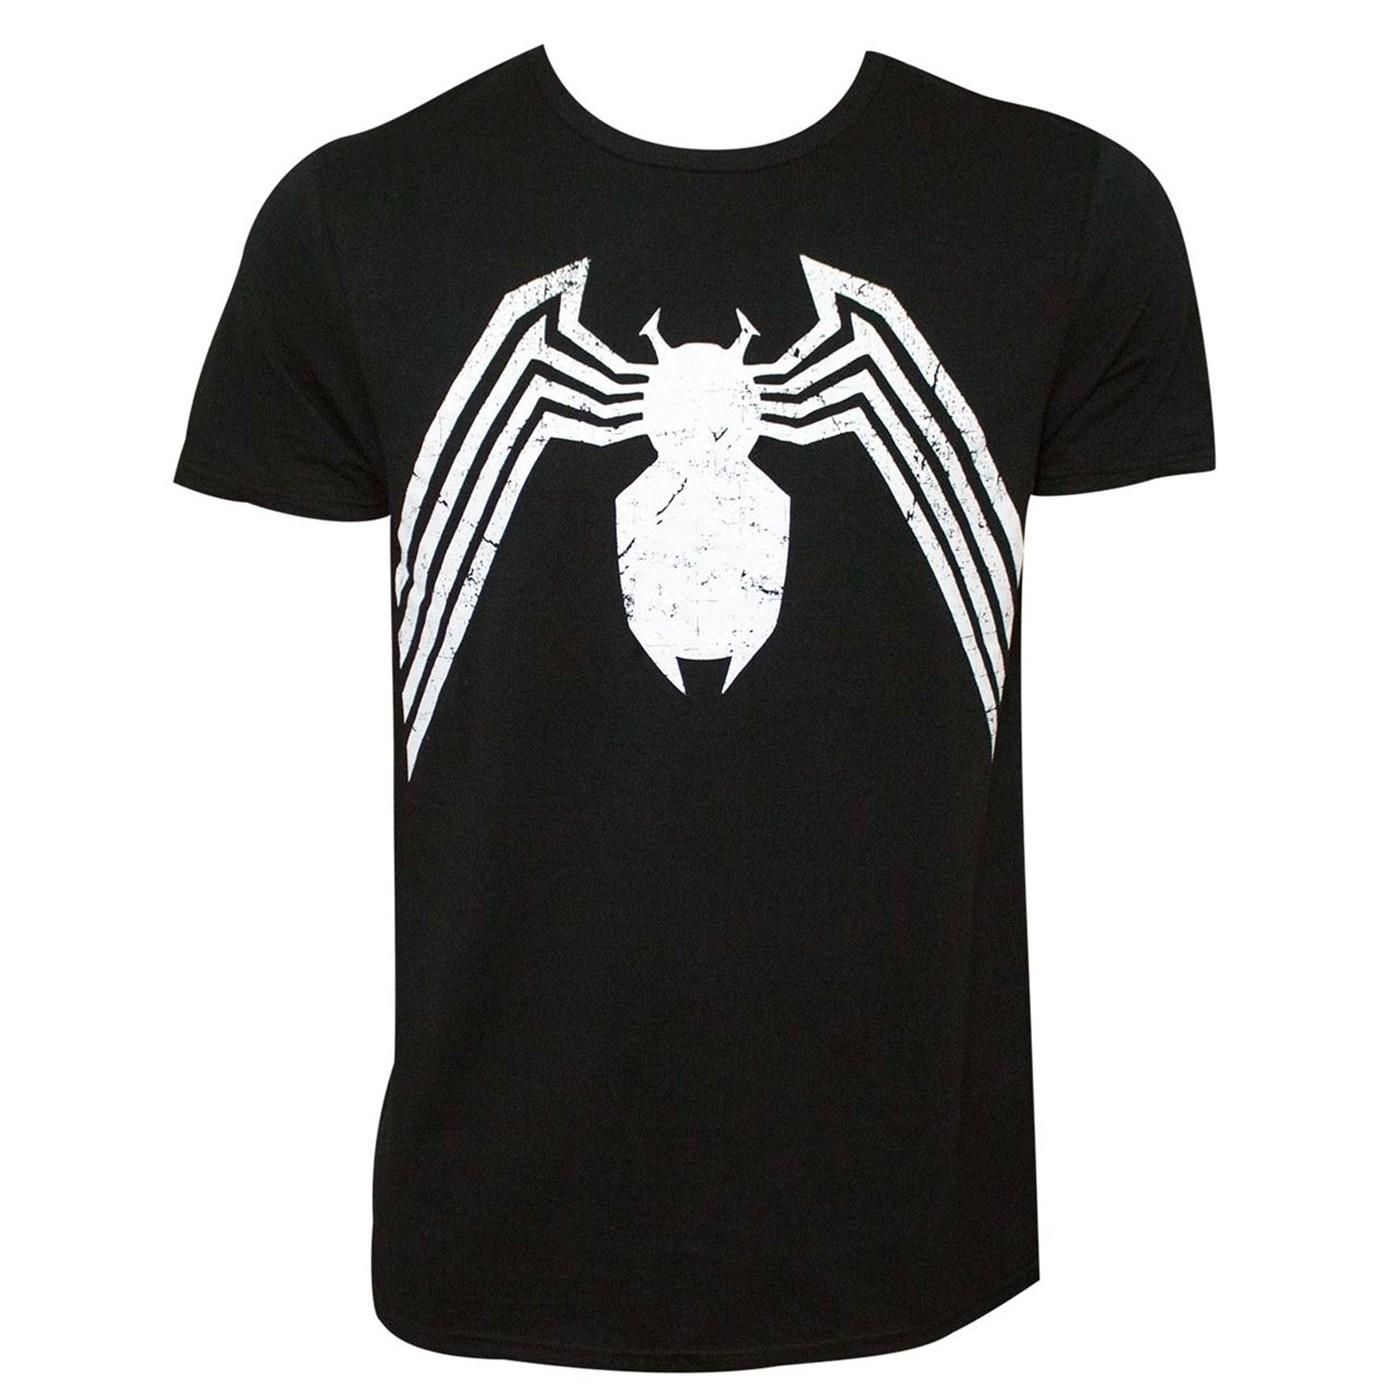 Spider-Man Symbiote Costume Symbol Men's T-Shirt